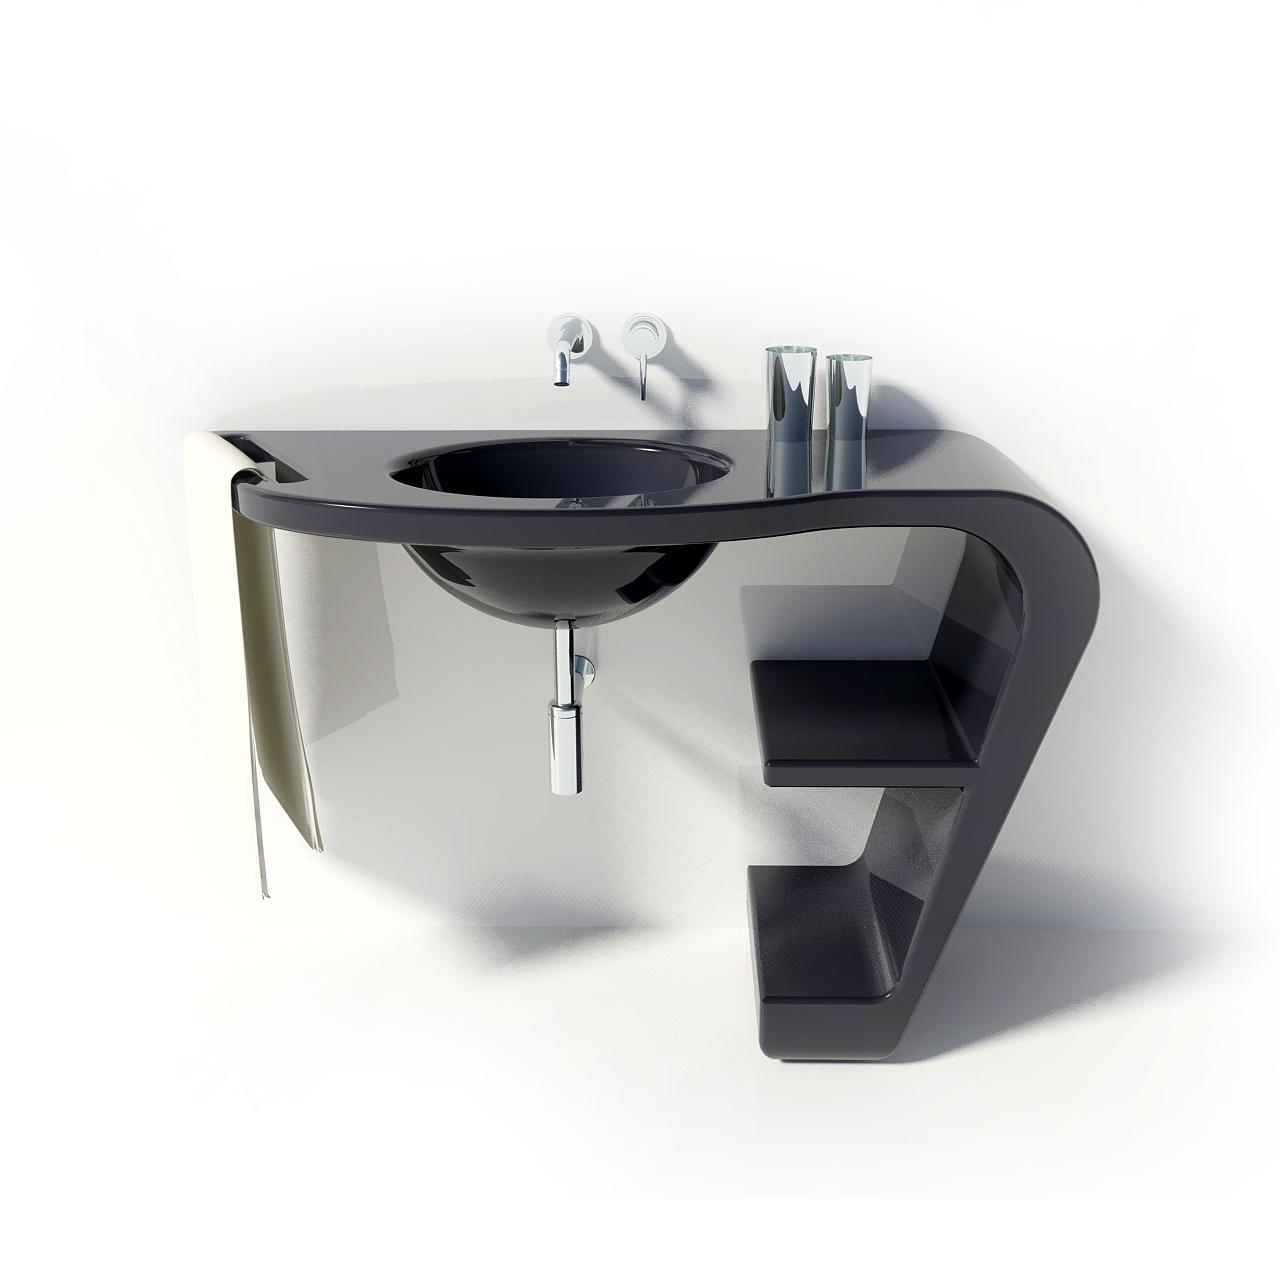 VABO  LAVANDINI E VASCHE  ZAD - Zone of Absolute DesignLavandino Design Vabo, realizzato con ...